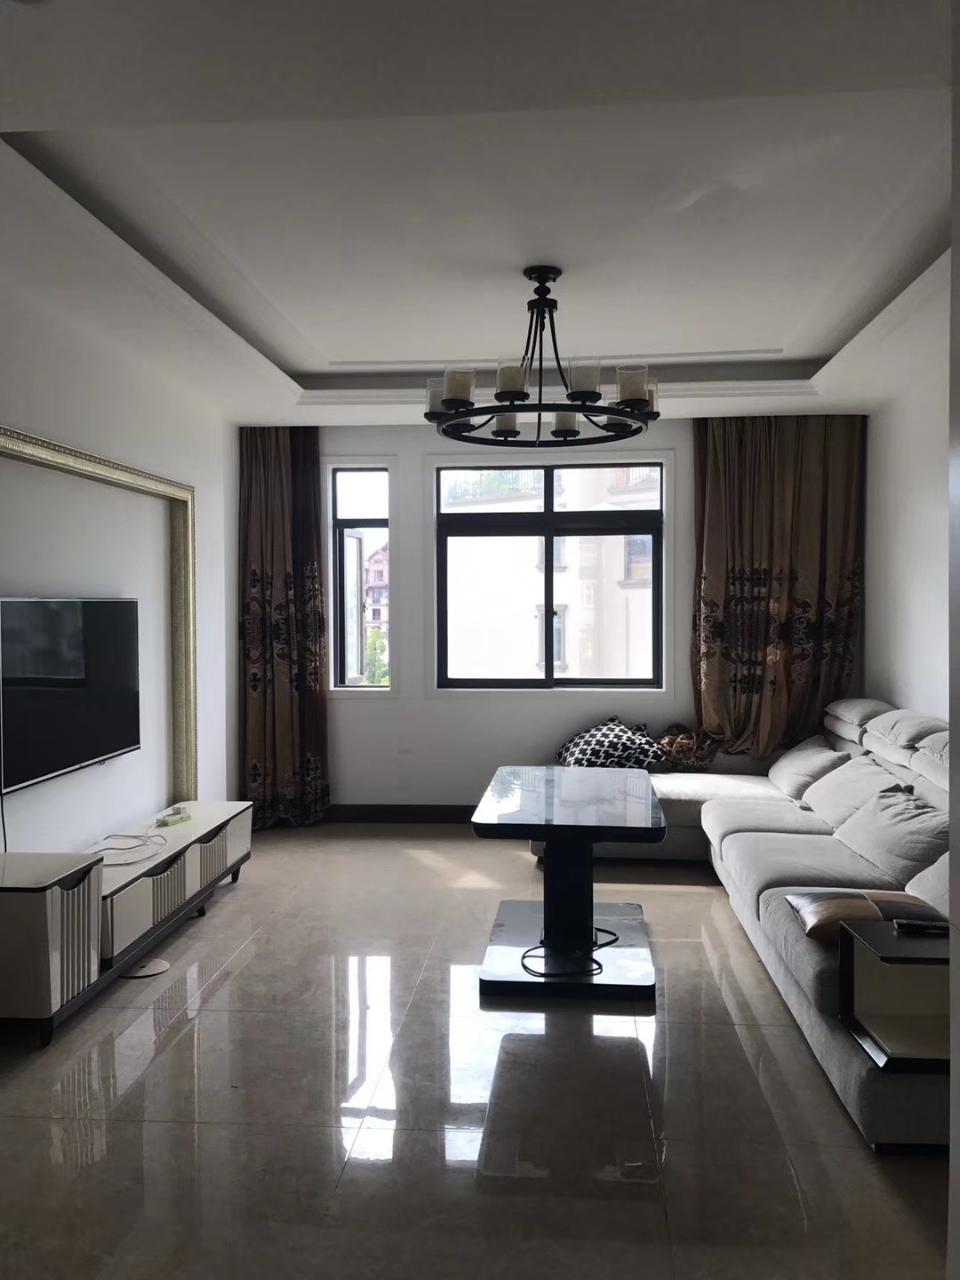 嘉华城精装4室2厅2卫78.8万元